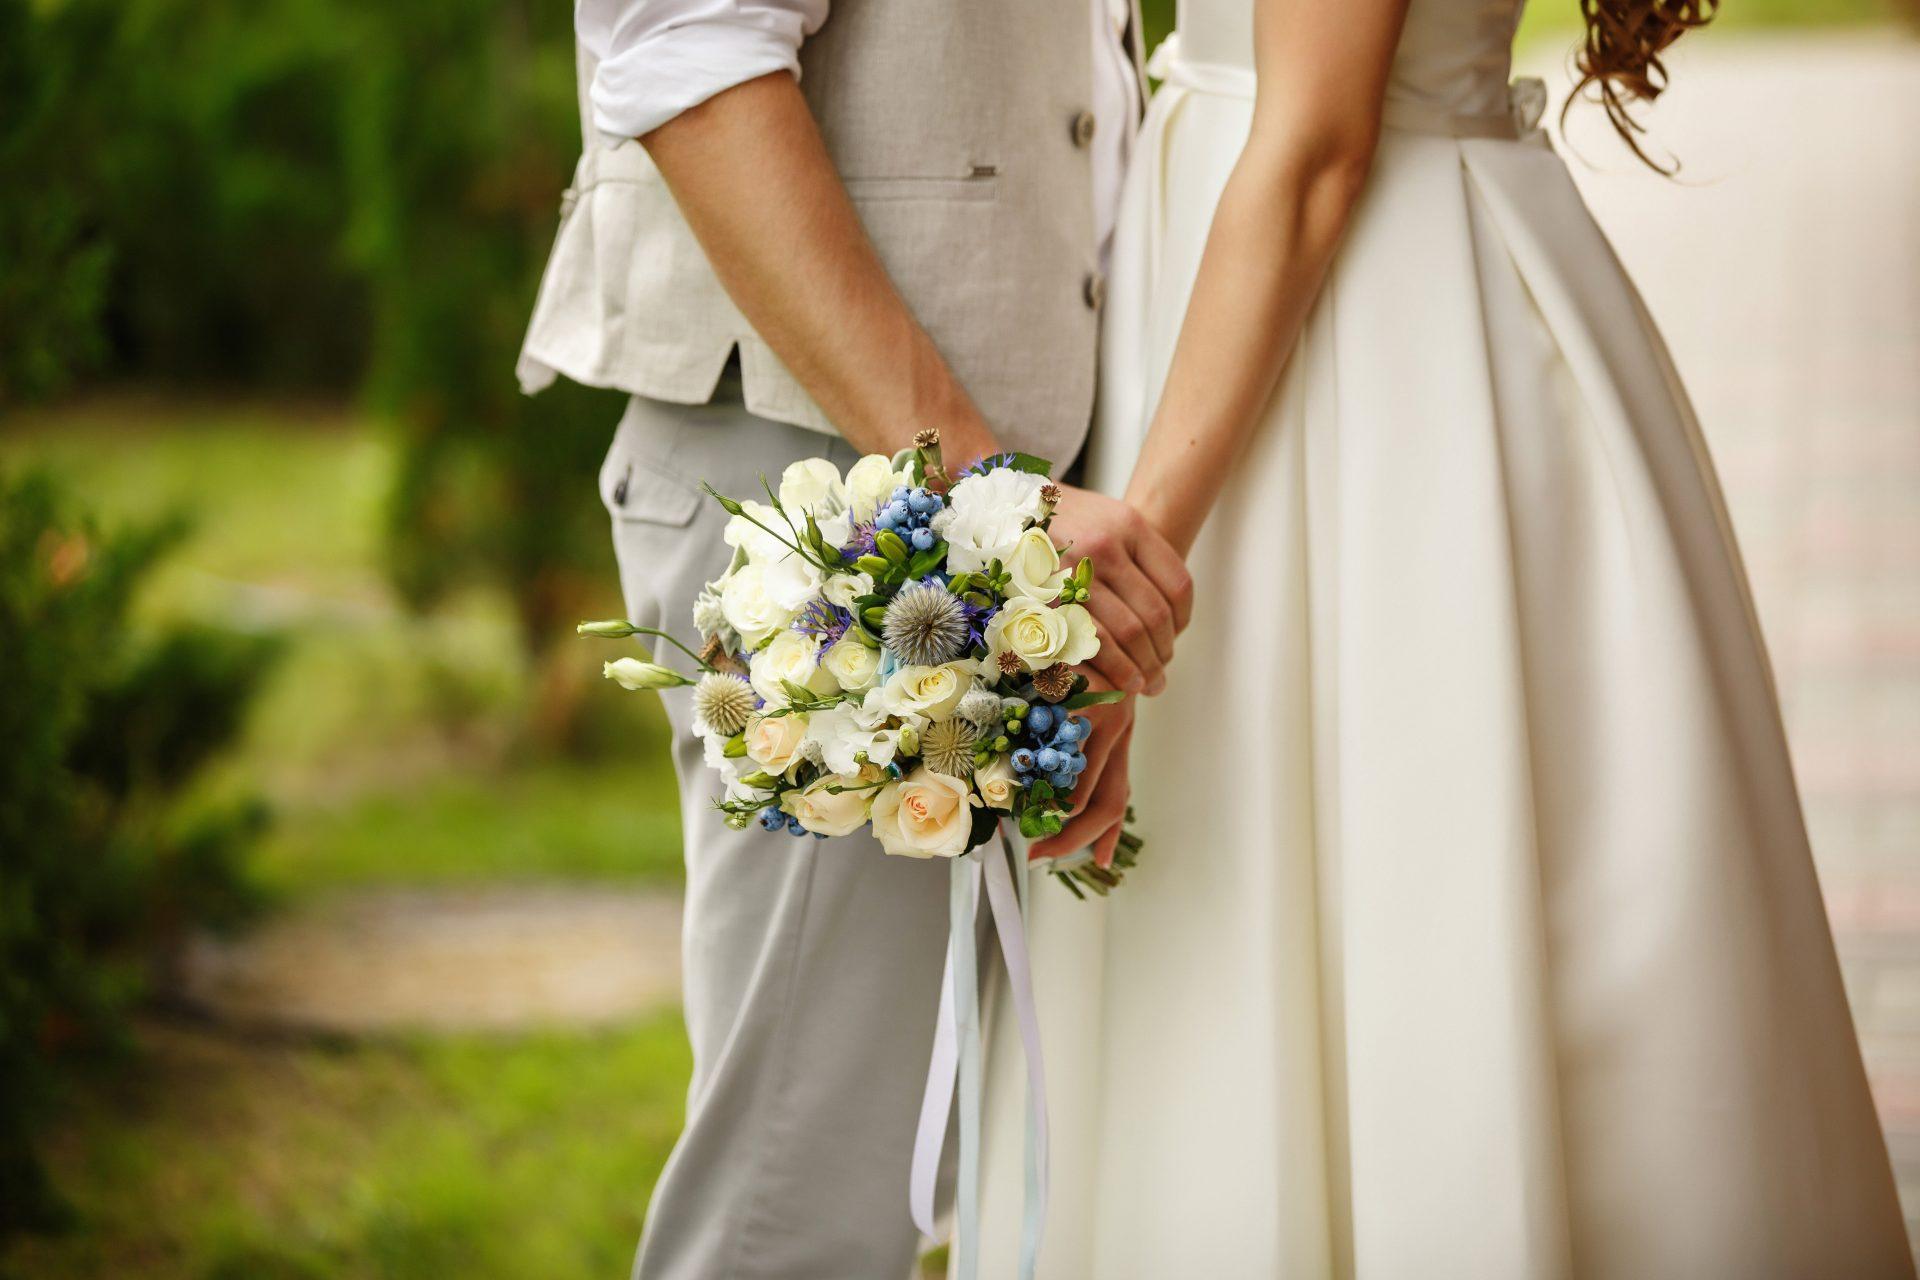 מתחתנים בתרין | אולם אירועים יוקרתי במרכז